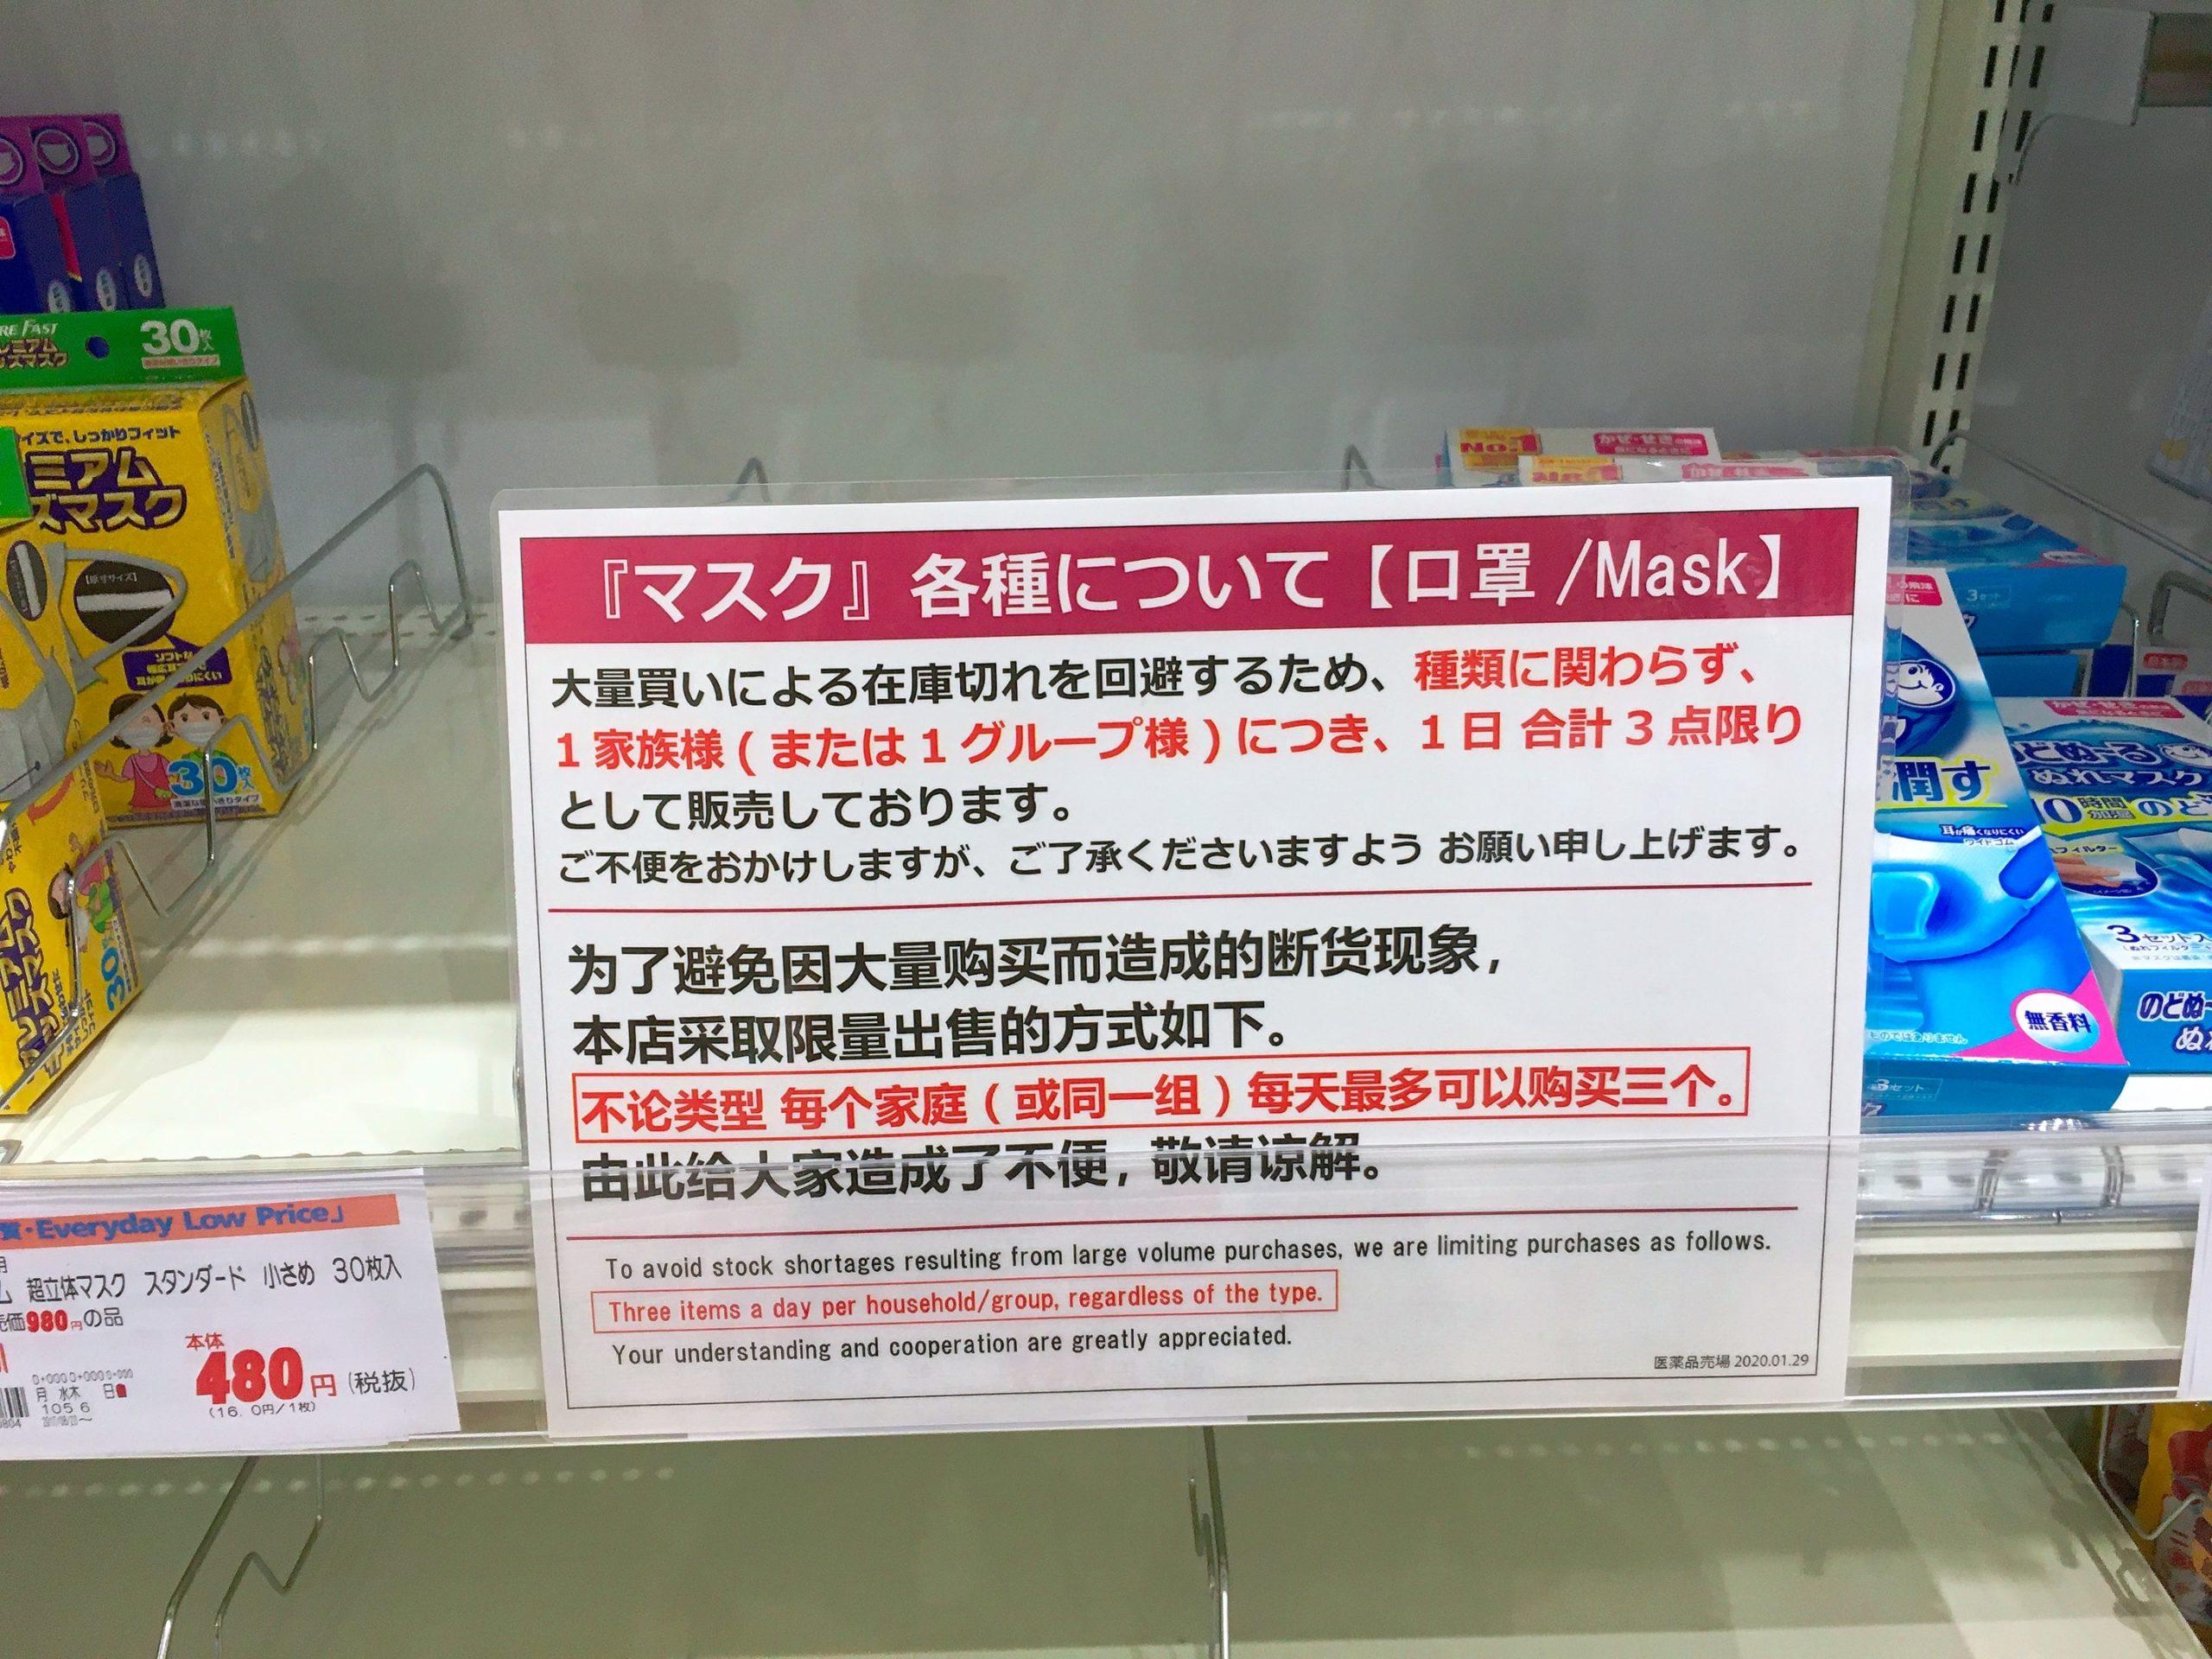 オーケーストアでマスクの購入制限